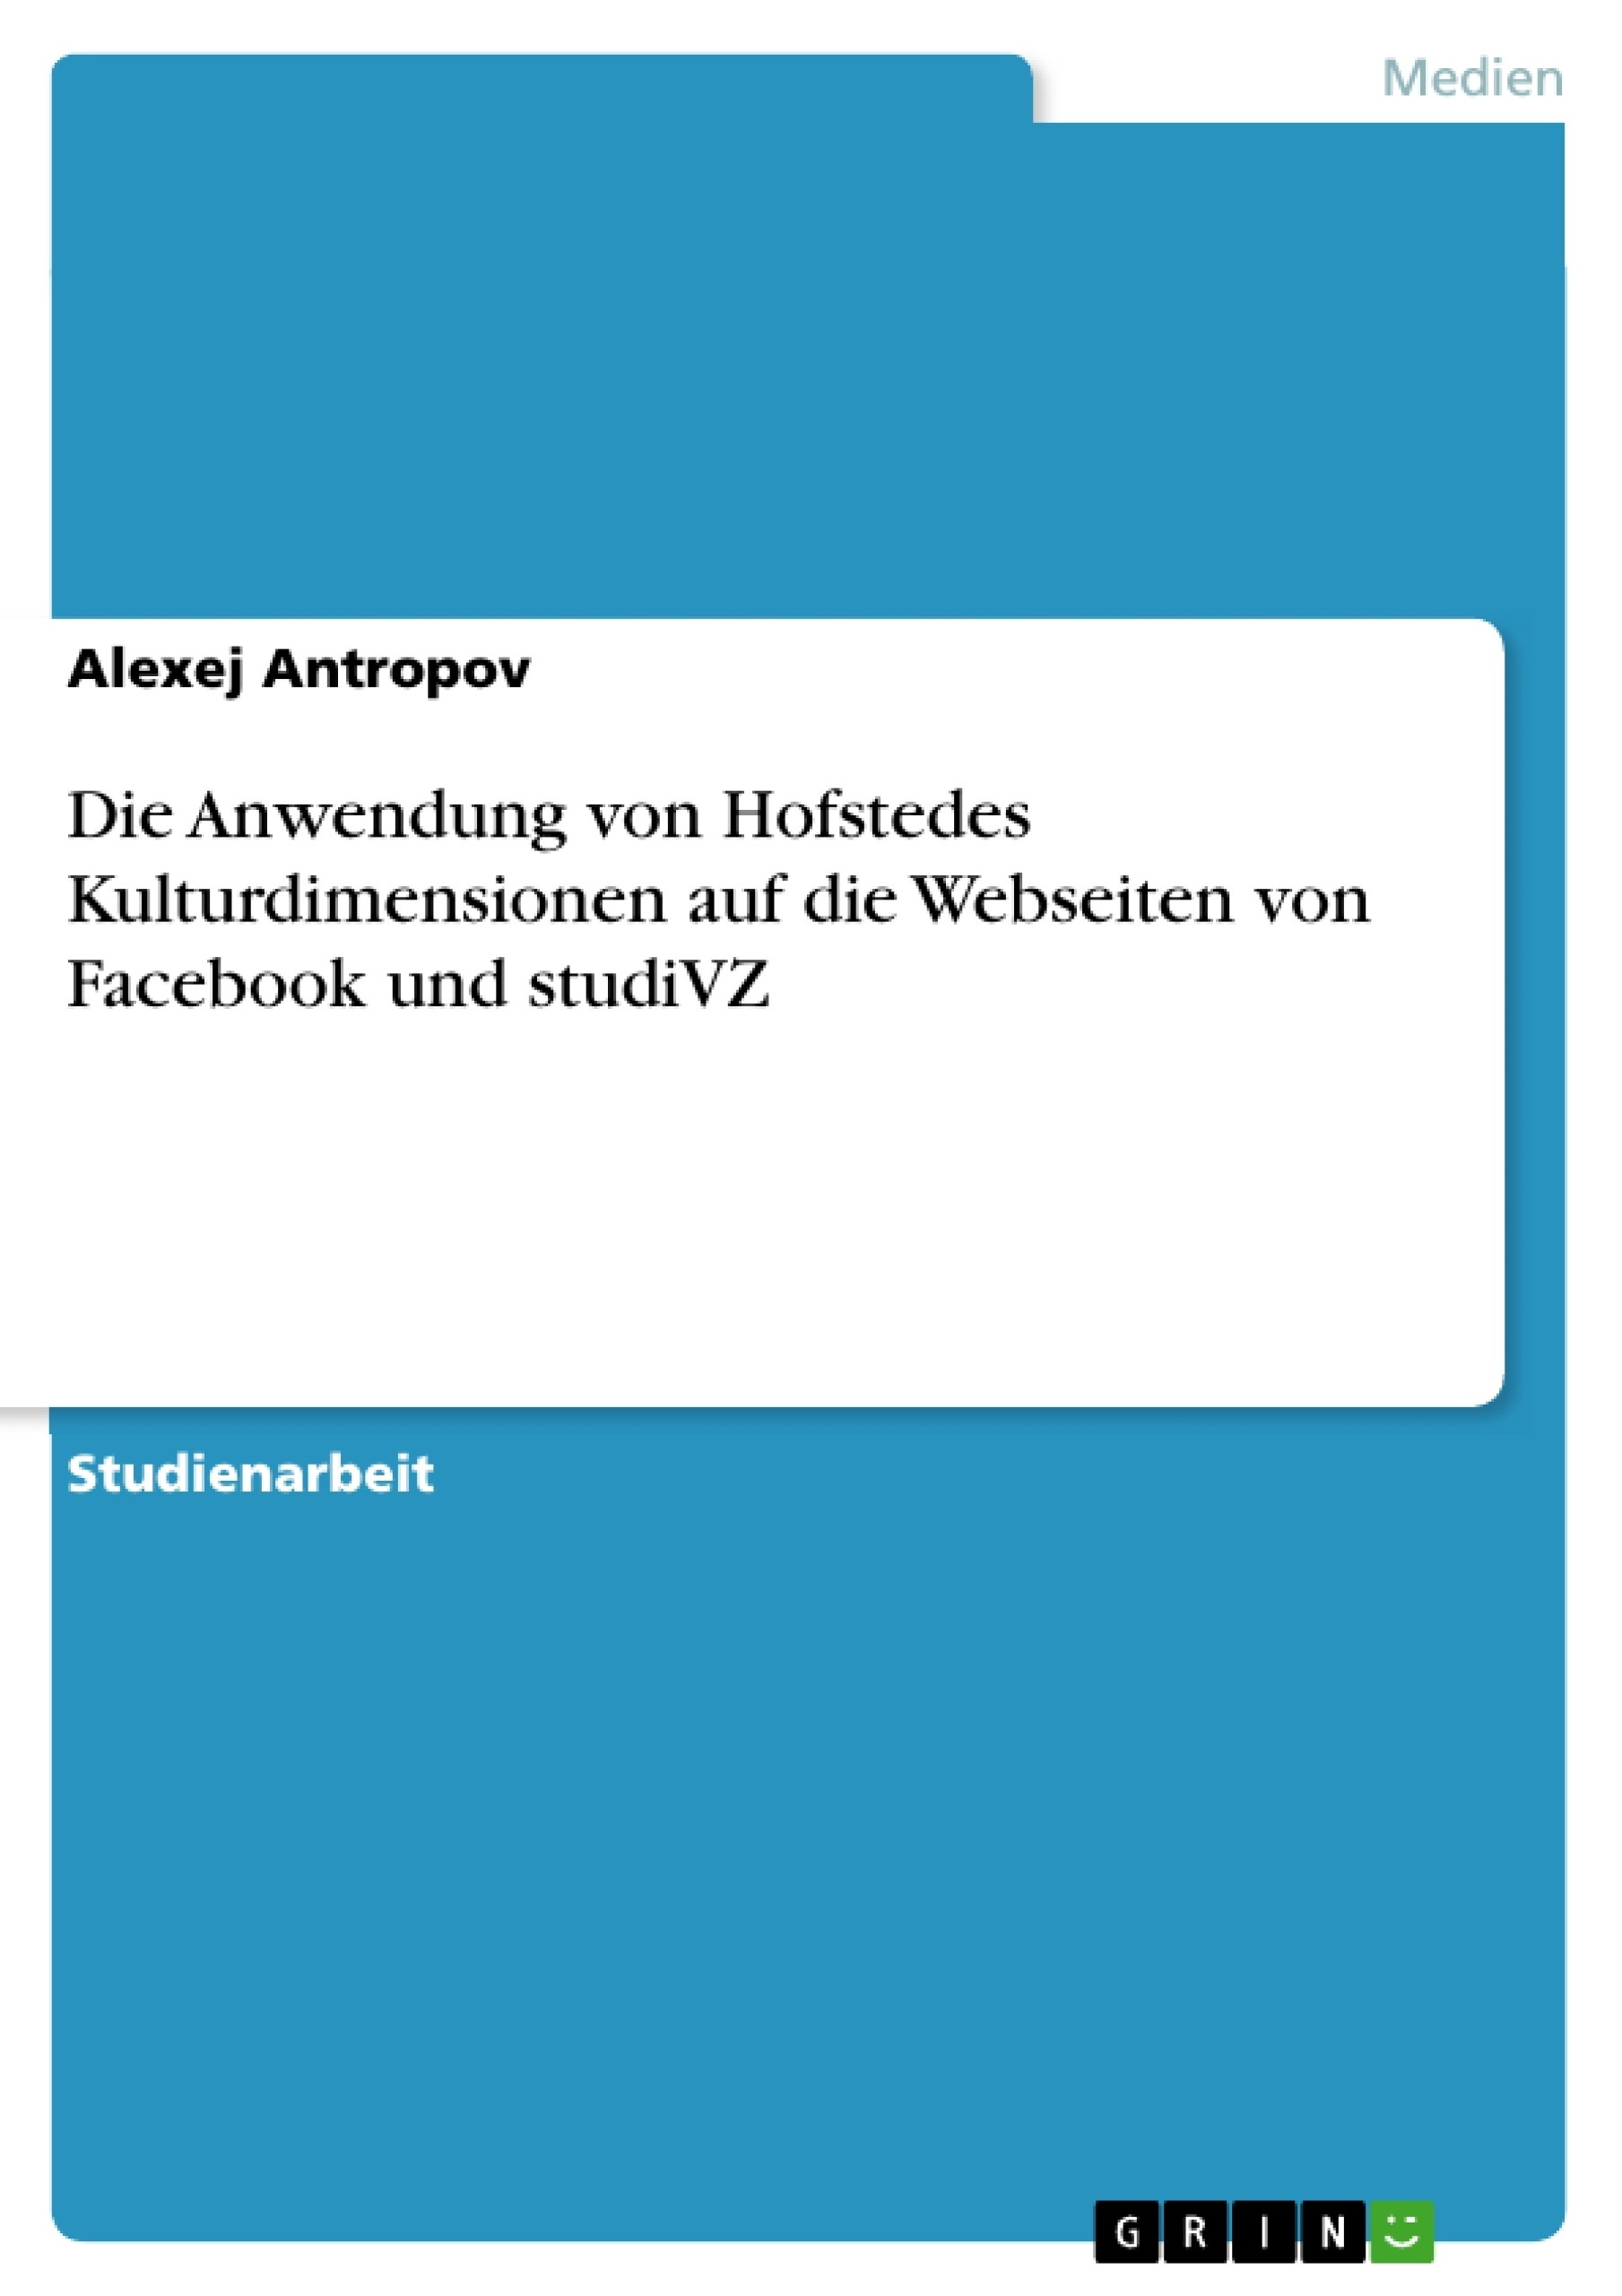 Titel: Die Anwendung von Hofstedes Kulturdimensionen auf die Webseiten von Facebook und studiVZ